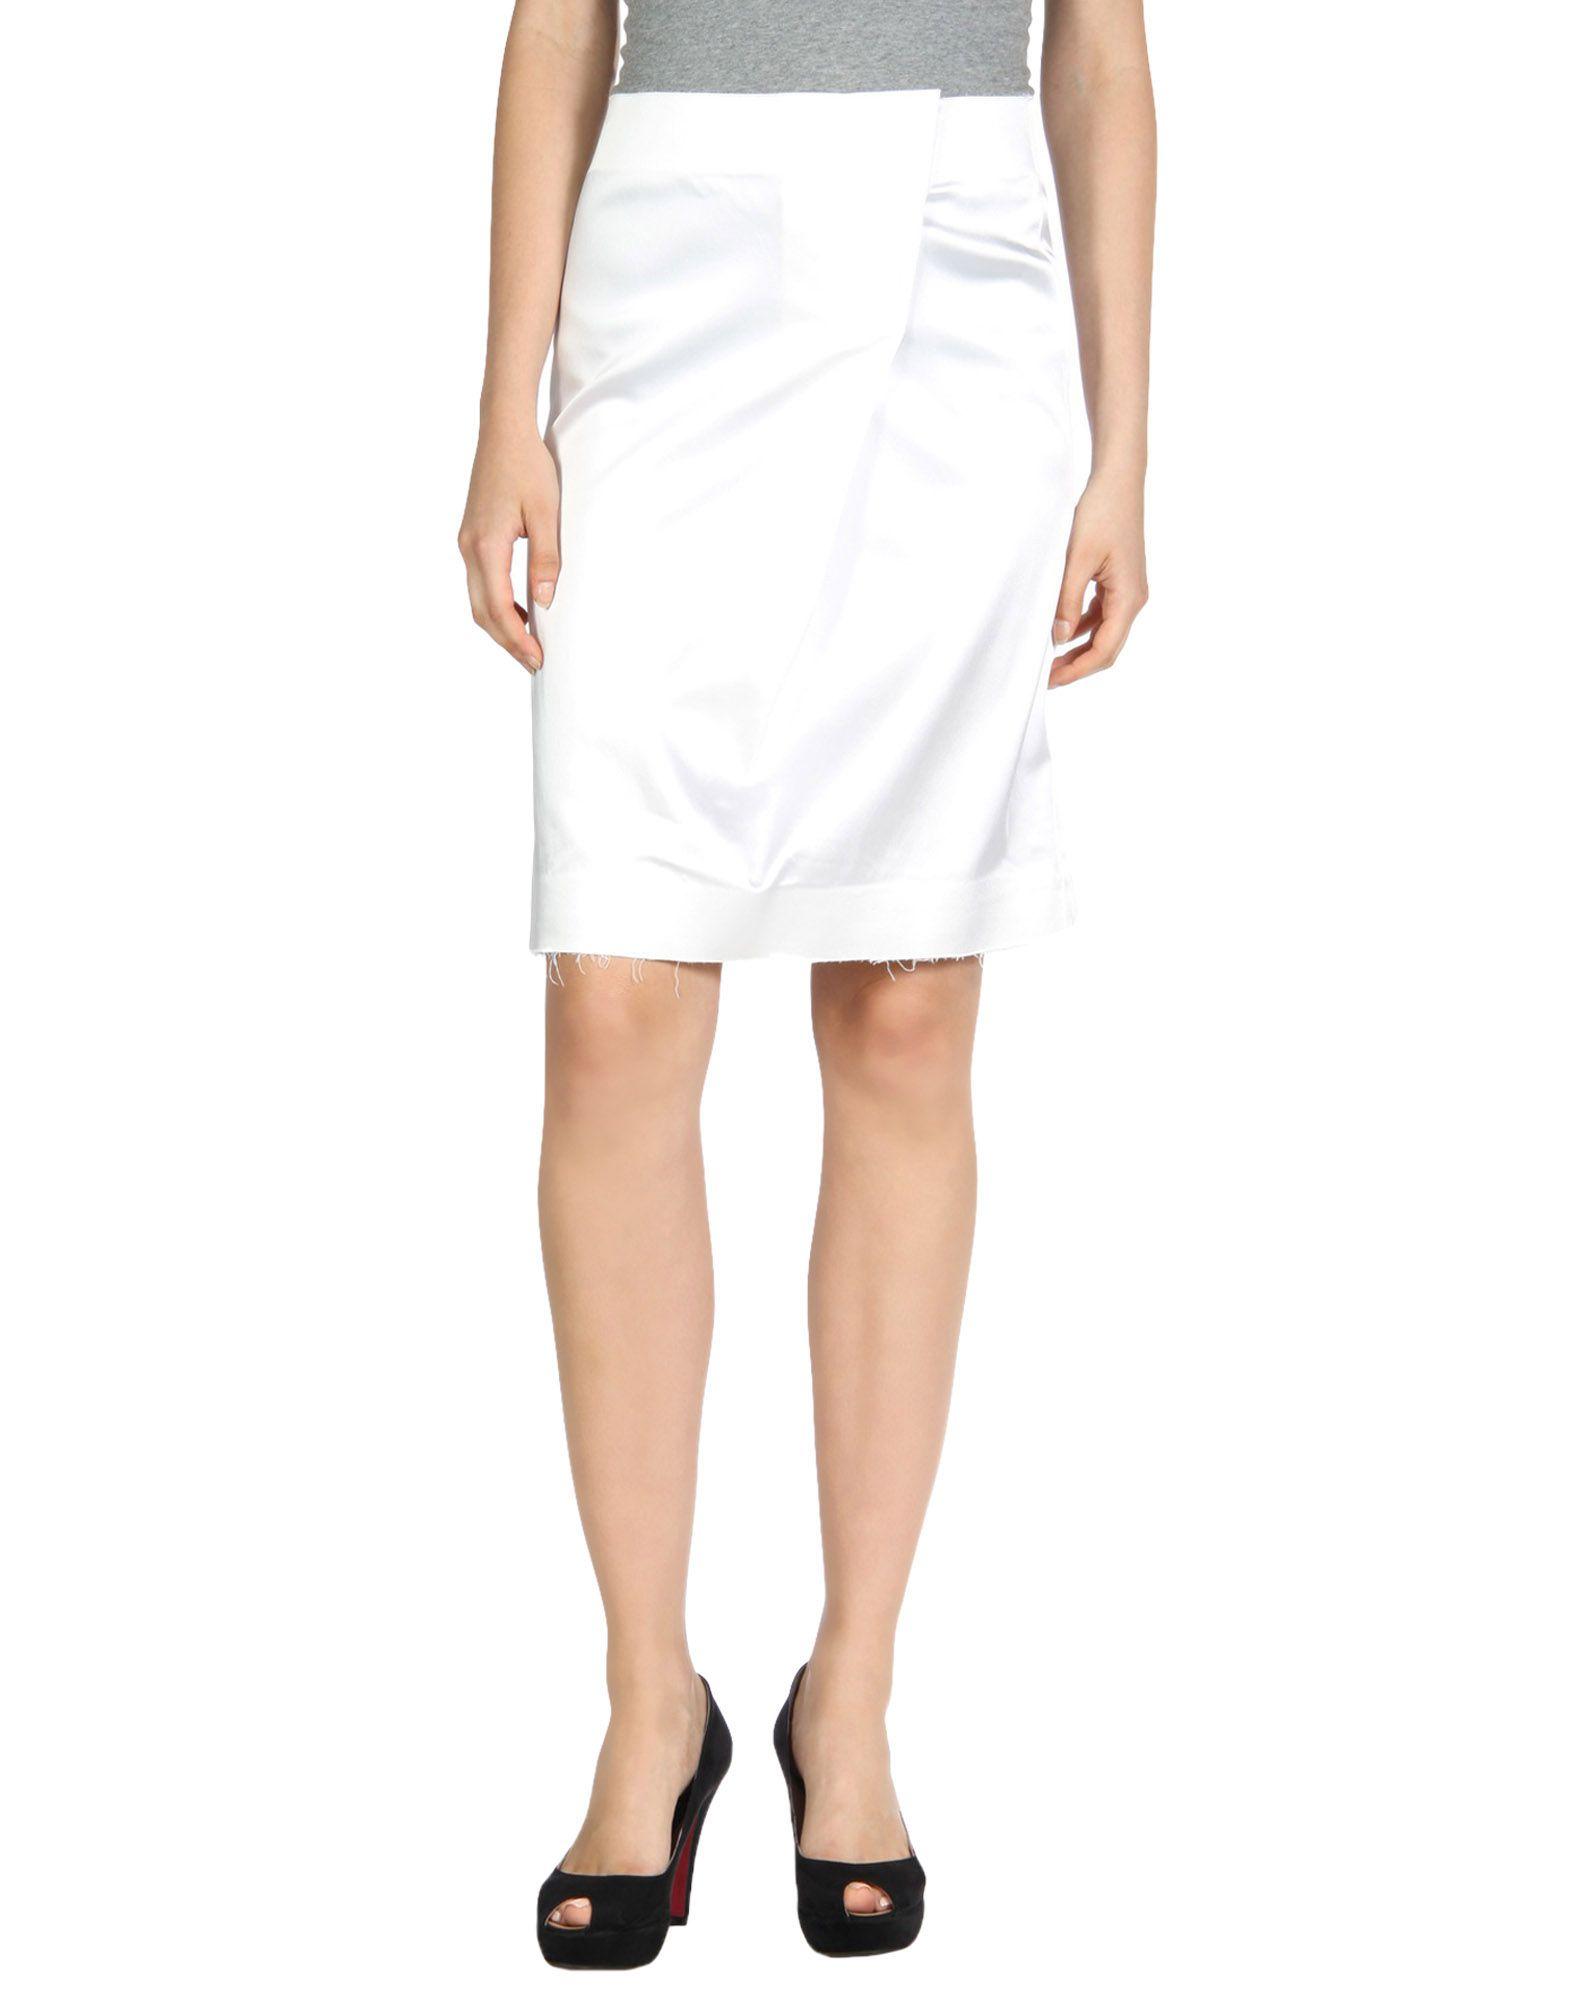 BACK Knee Length Skirts in White